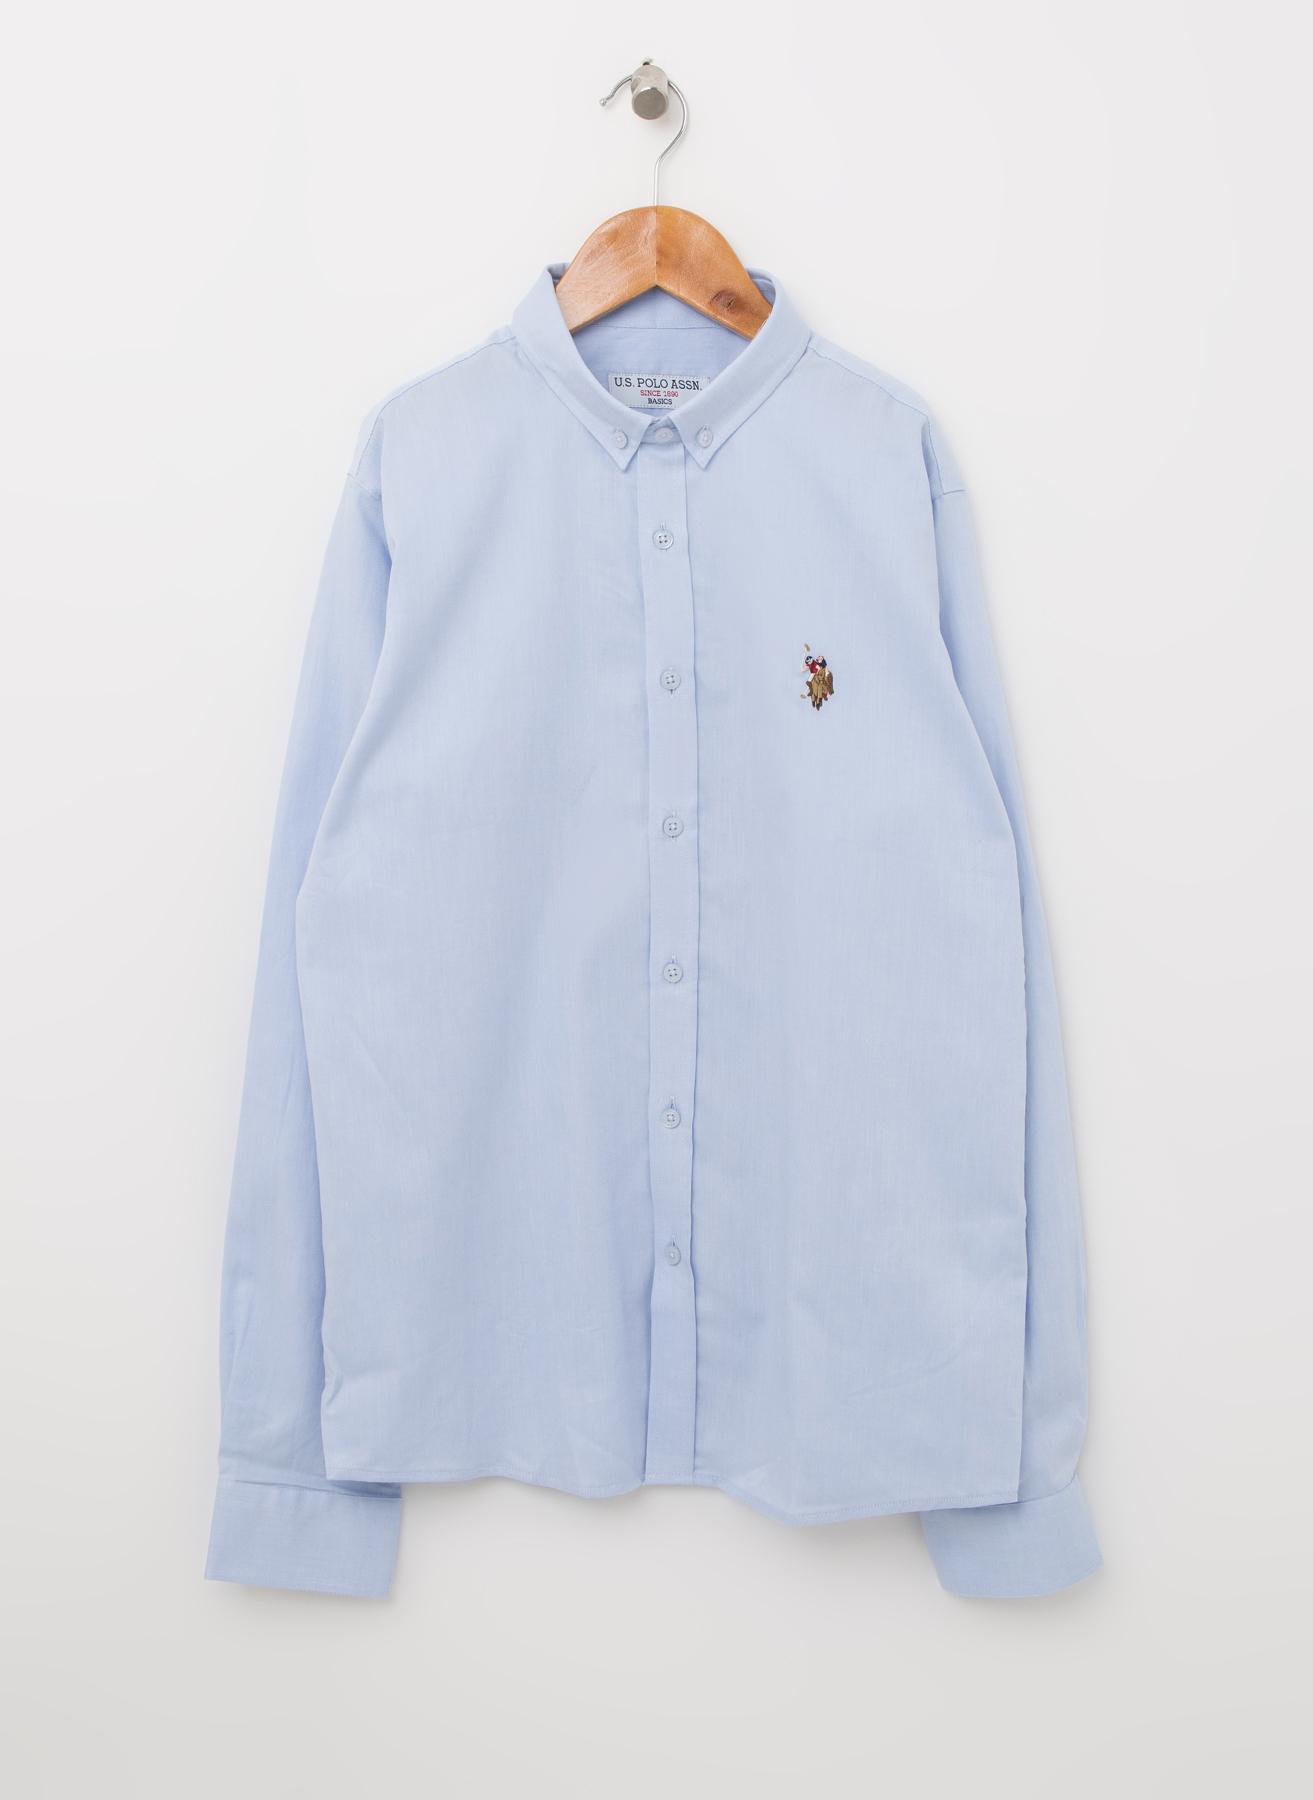 U.S. Polo Assn. Gömlek 60 5001823805001 Ürün Resmi